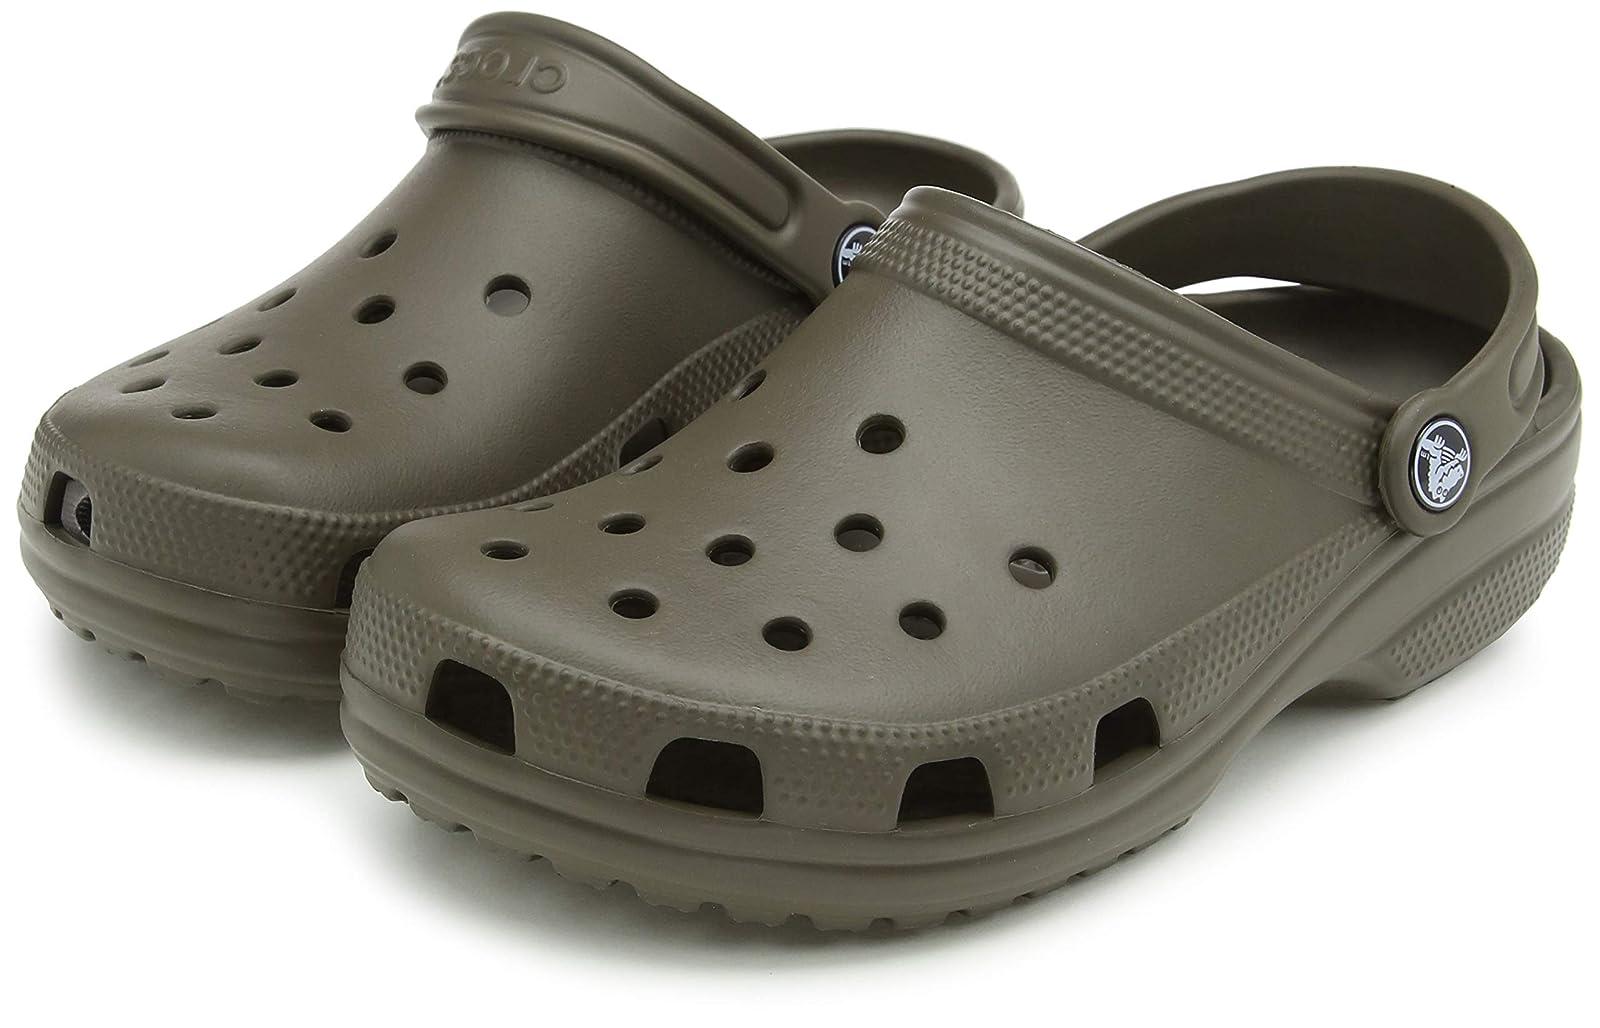 Crocs Men's and Women's Classic - 8